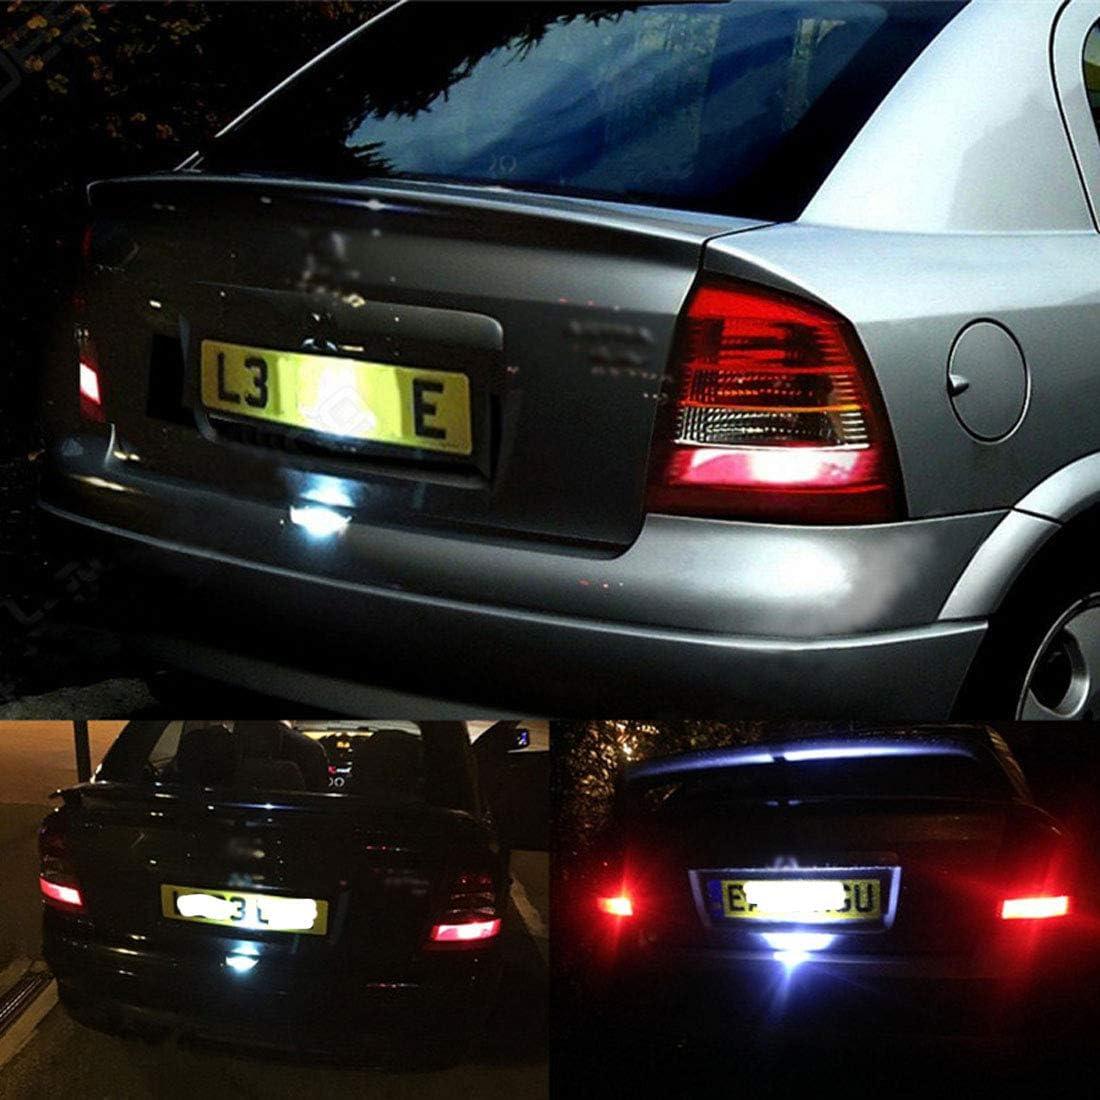 MuChangZi 1 St/ücke 6000 Karat LED Kennzeichenbeleuchtung Wei/ß F/ür O//pel Astra G MK4 1998-2004 Auto Auto Styling Auto Zubeh/ör